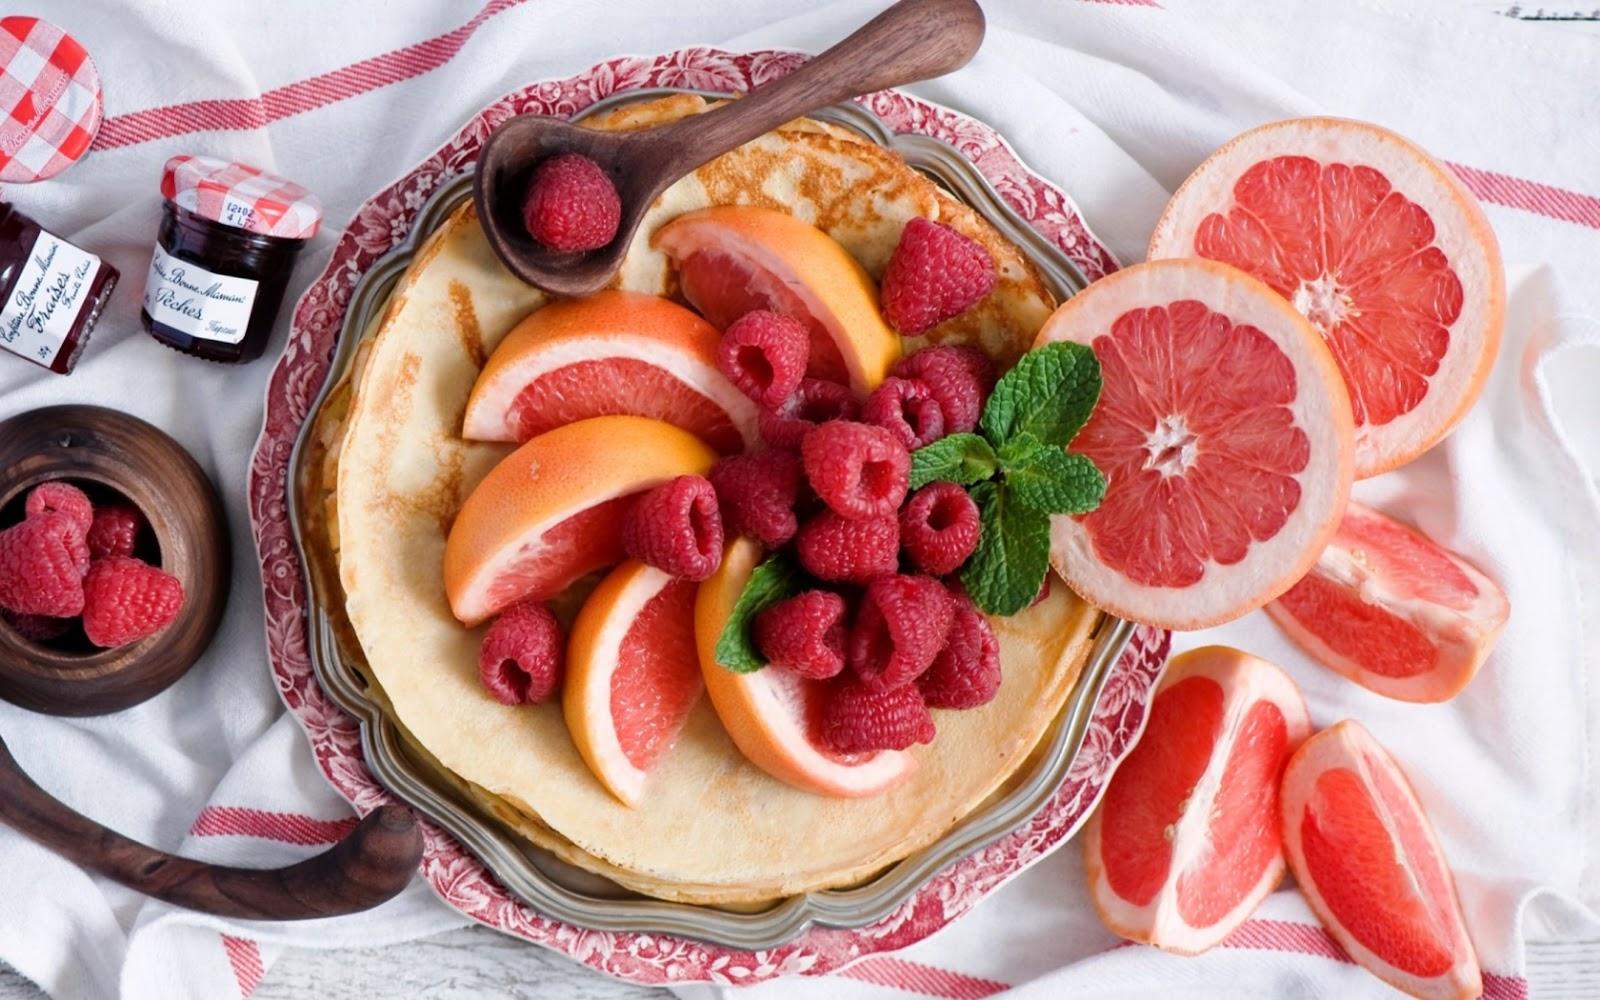 pancakes_carnival_breakfast_grapefruit_raspberry_jam_100344_1680x1050.jpg